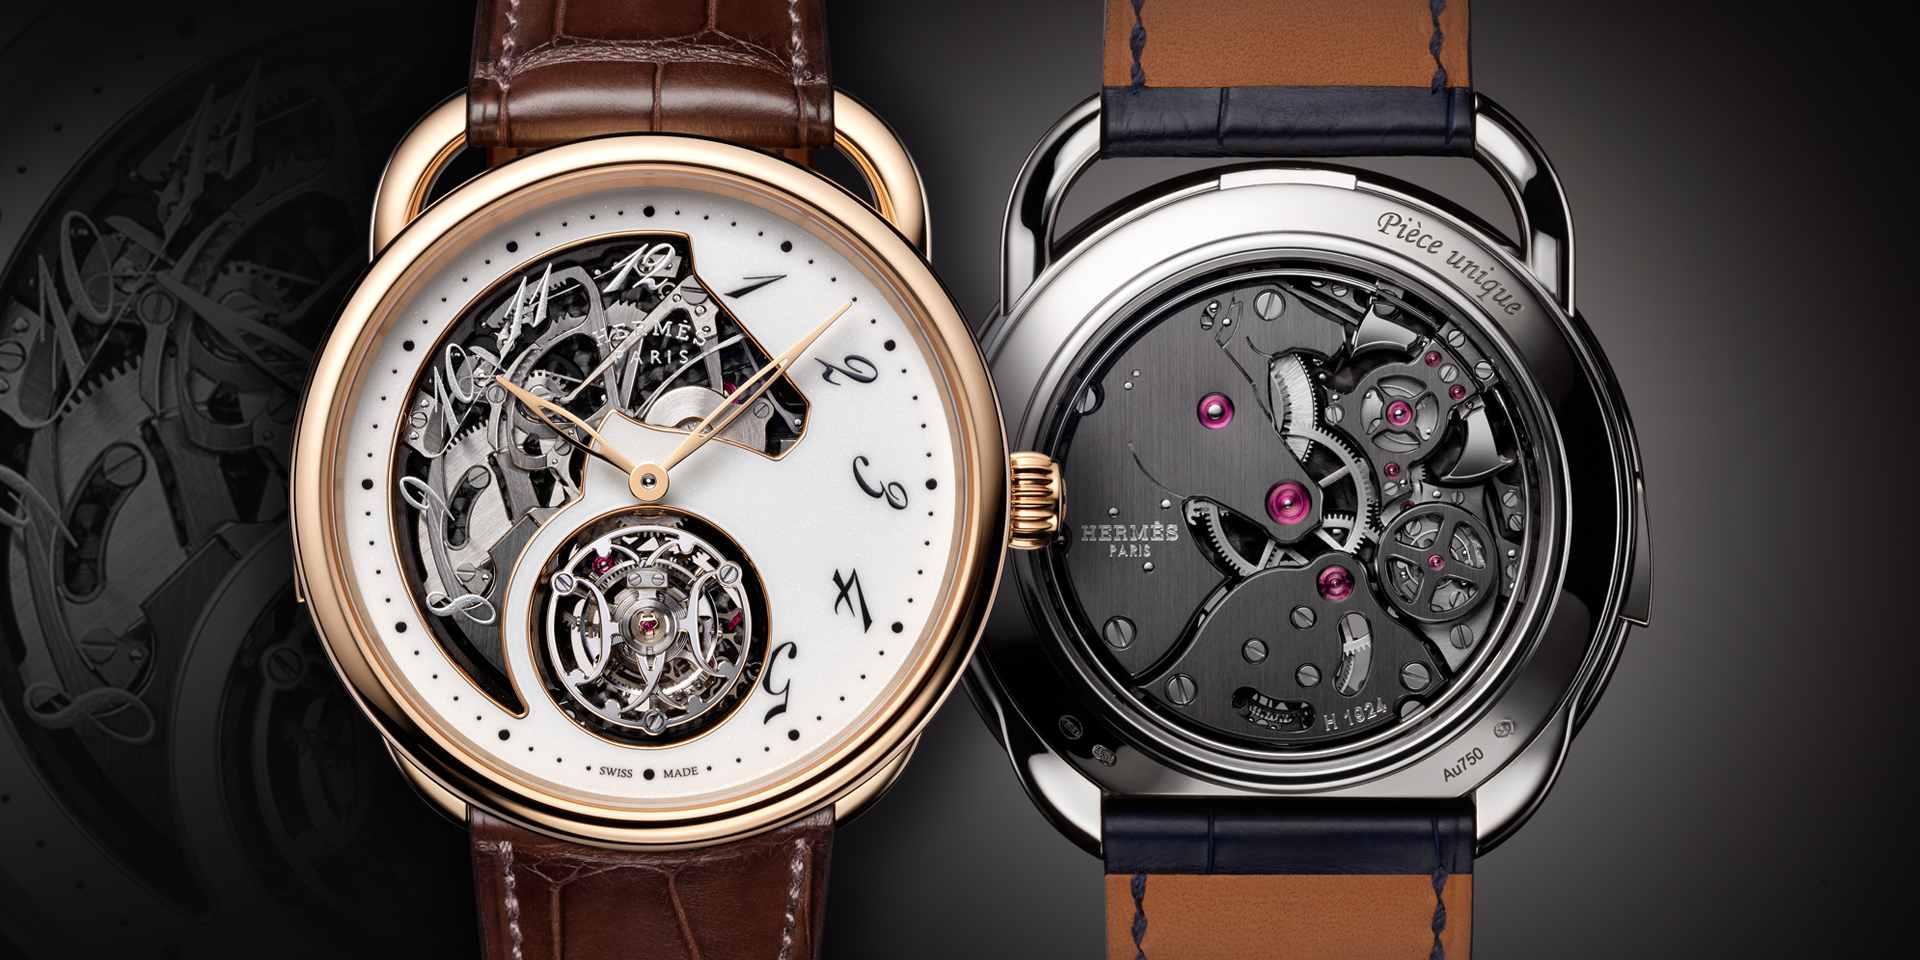 愛馬仕CRAFTING TIME 超凡腕錶展於9 月4 日至13 日在台北 BELLAVITA 旗艦店舉行